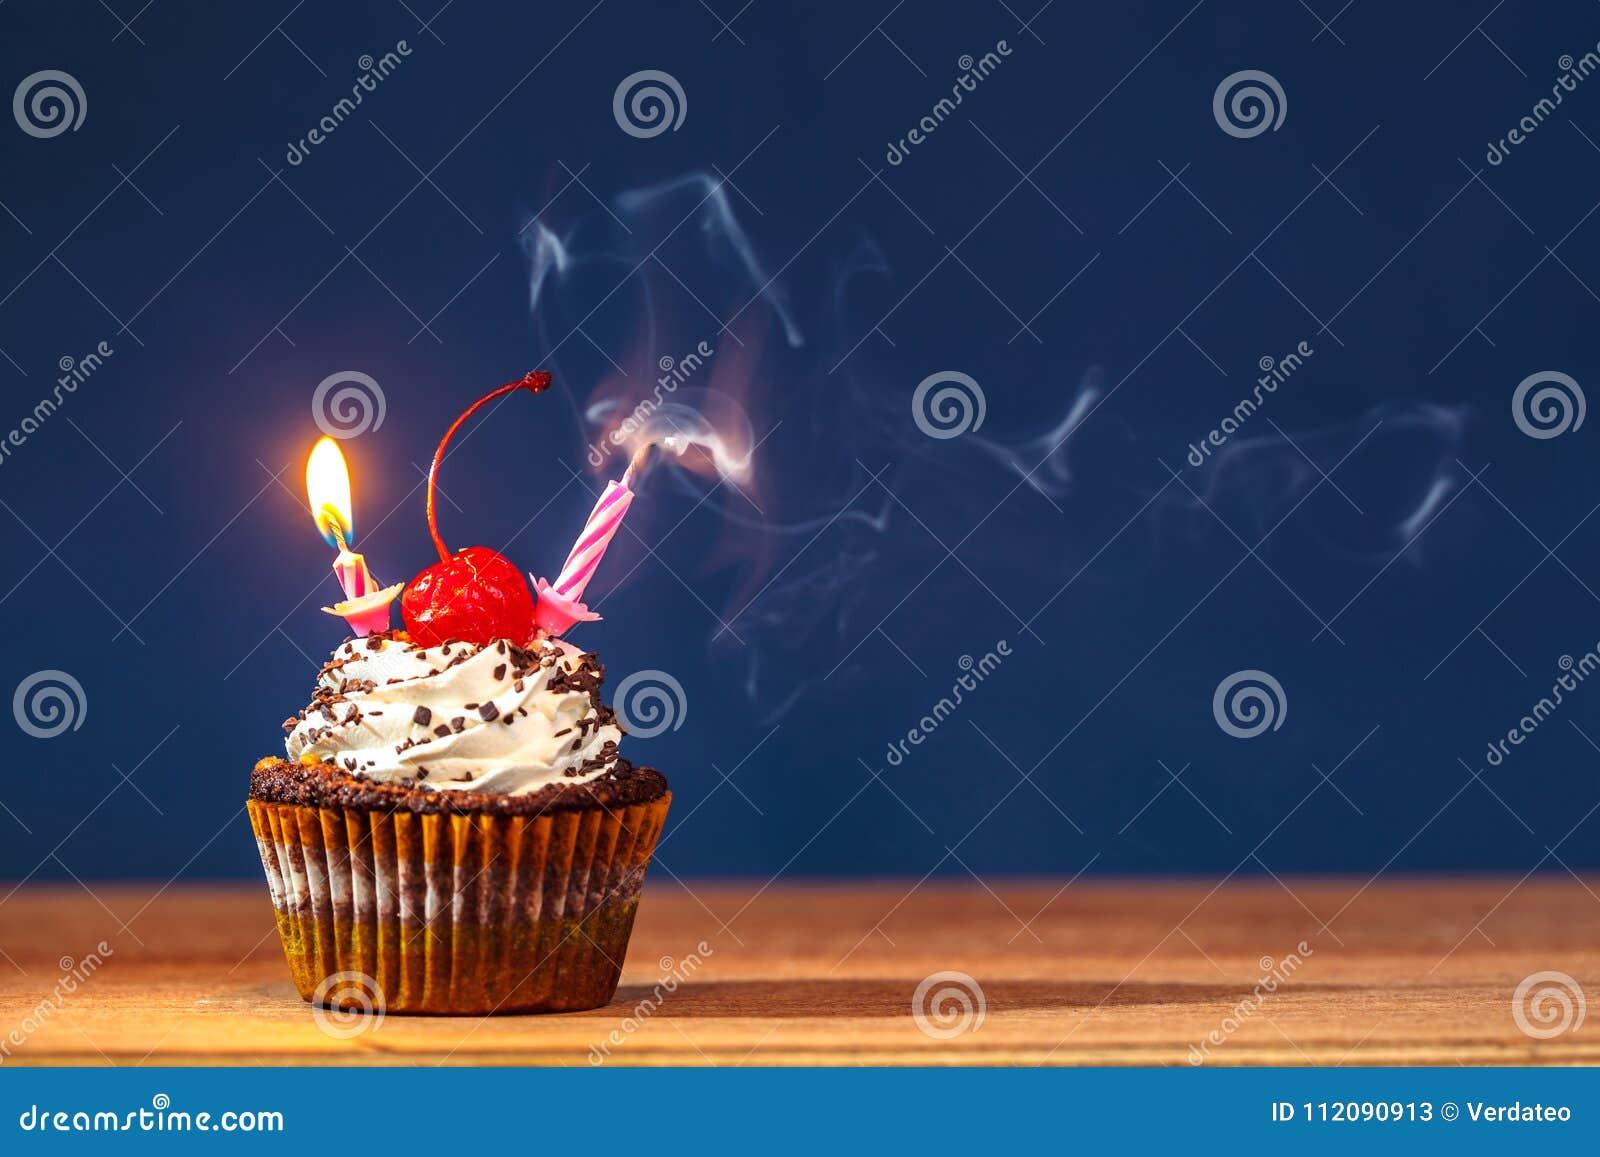 Kleiner Kuchen Mit Geblasenen Heraus Brennenden Kerzen Auf Die